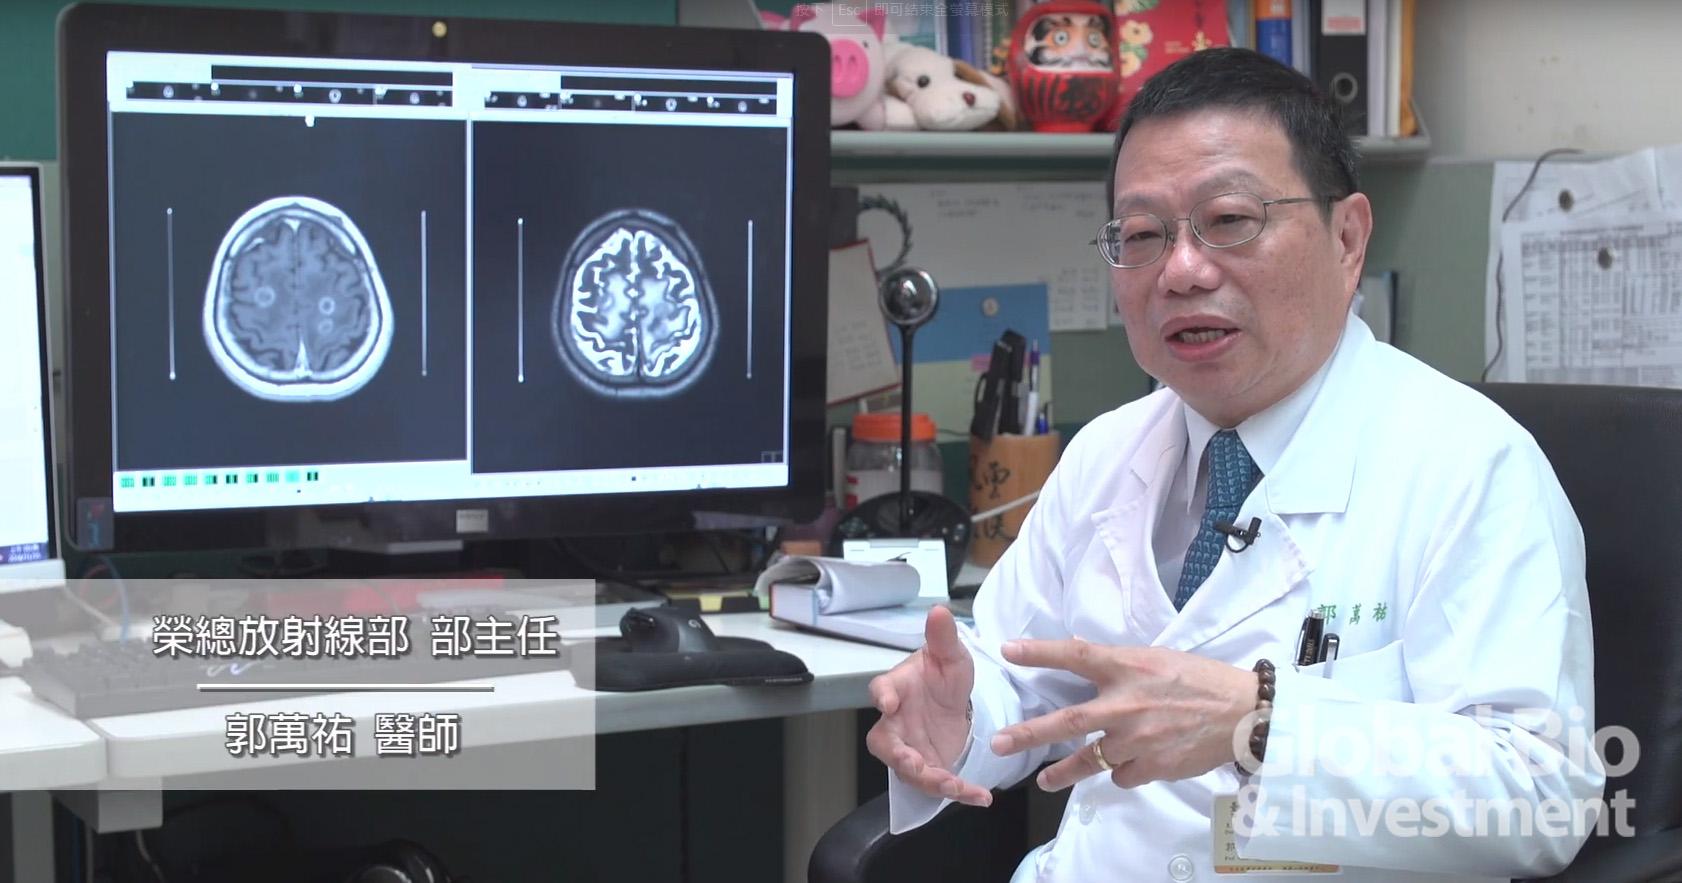 北榮放射線郭萬佑醫師表示運用人工智慧協助偵測判讀腫瘤的大小及位置,做為治療策略擬定的參考 (Youtube)